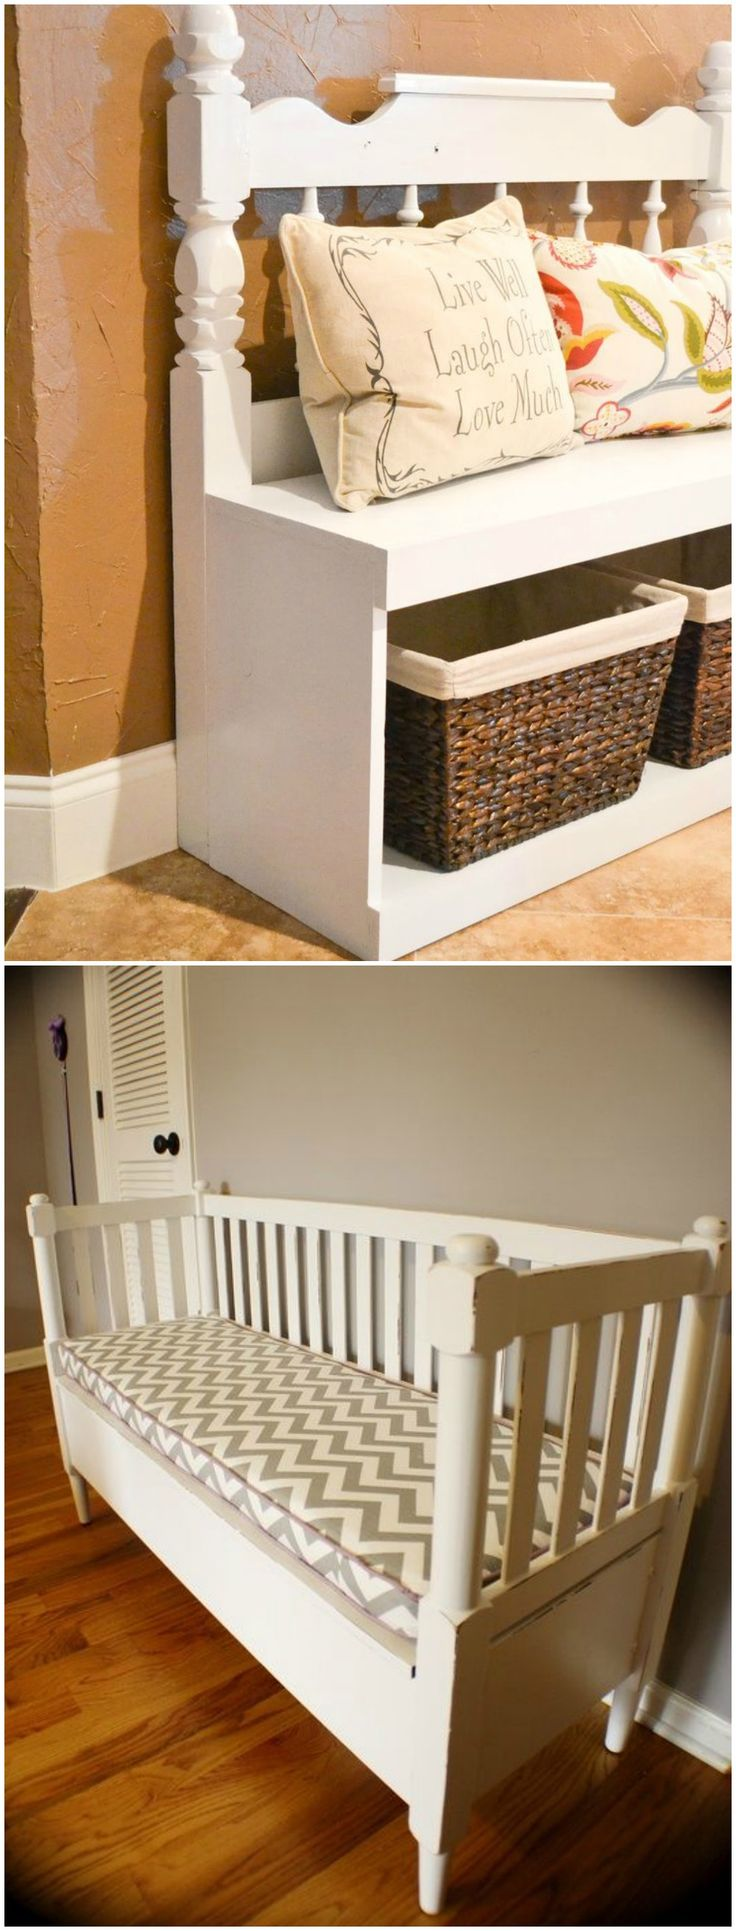 Mejores 332 imágenes de Muebles reciclados en Pinterest | Muebles ...